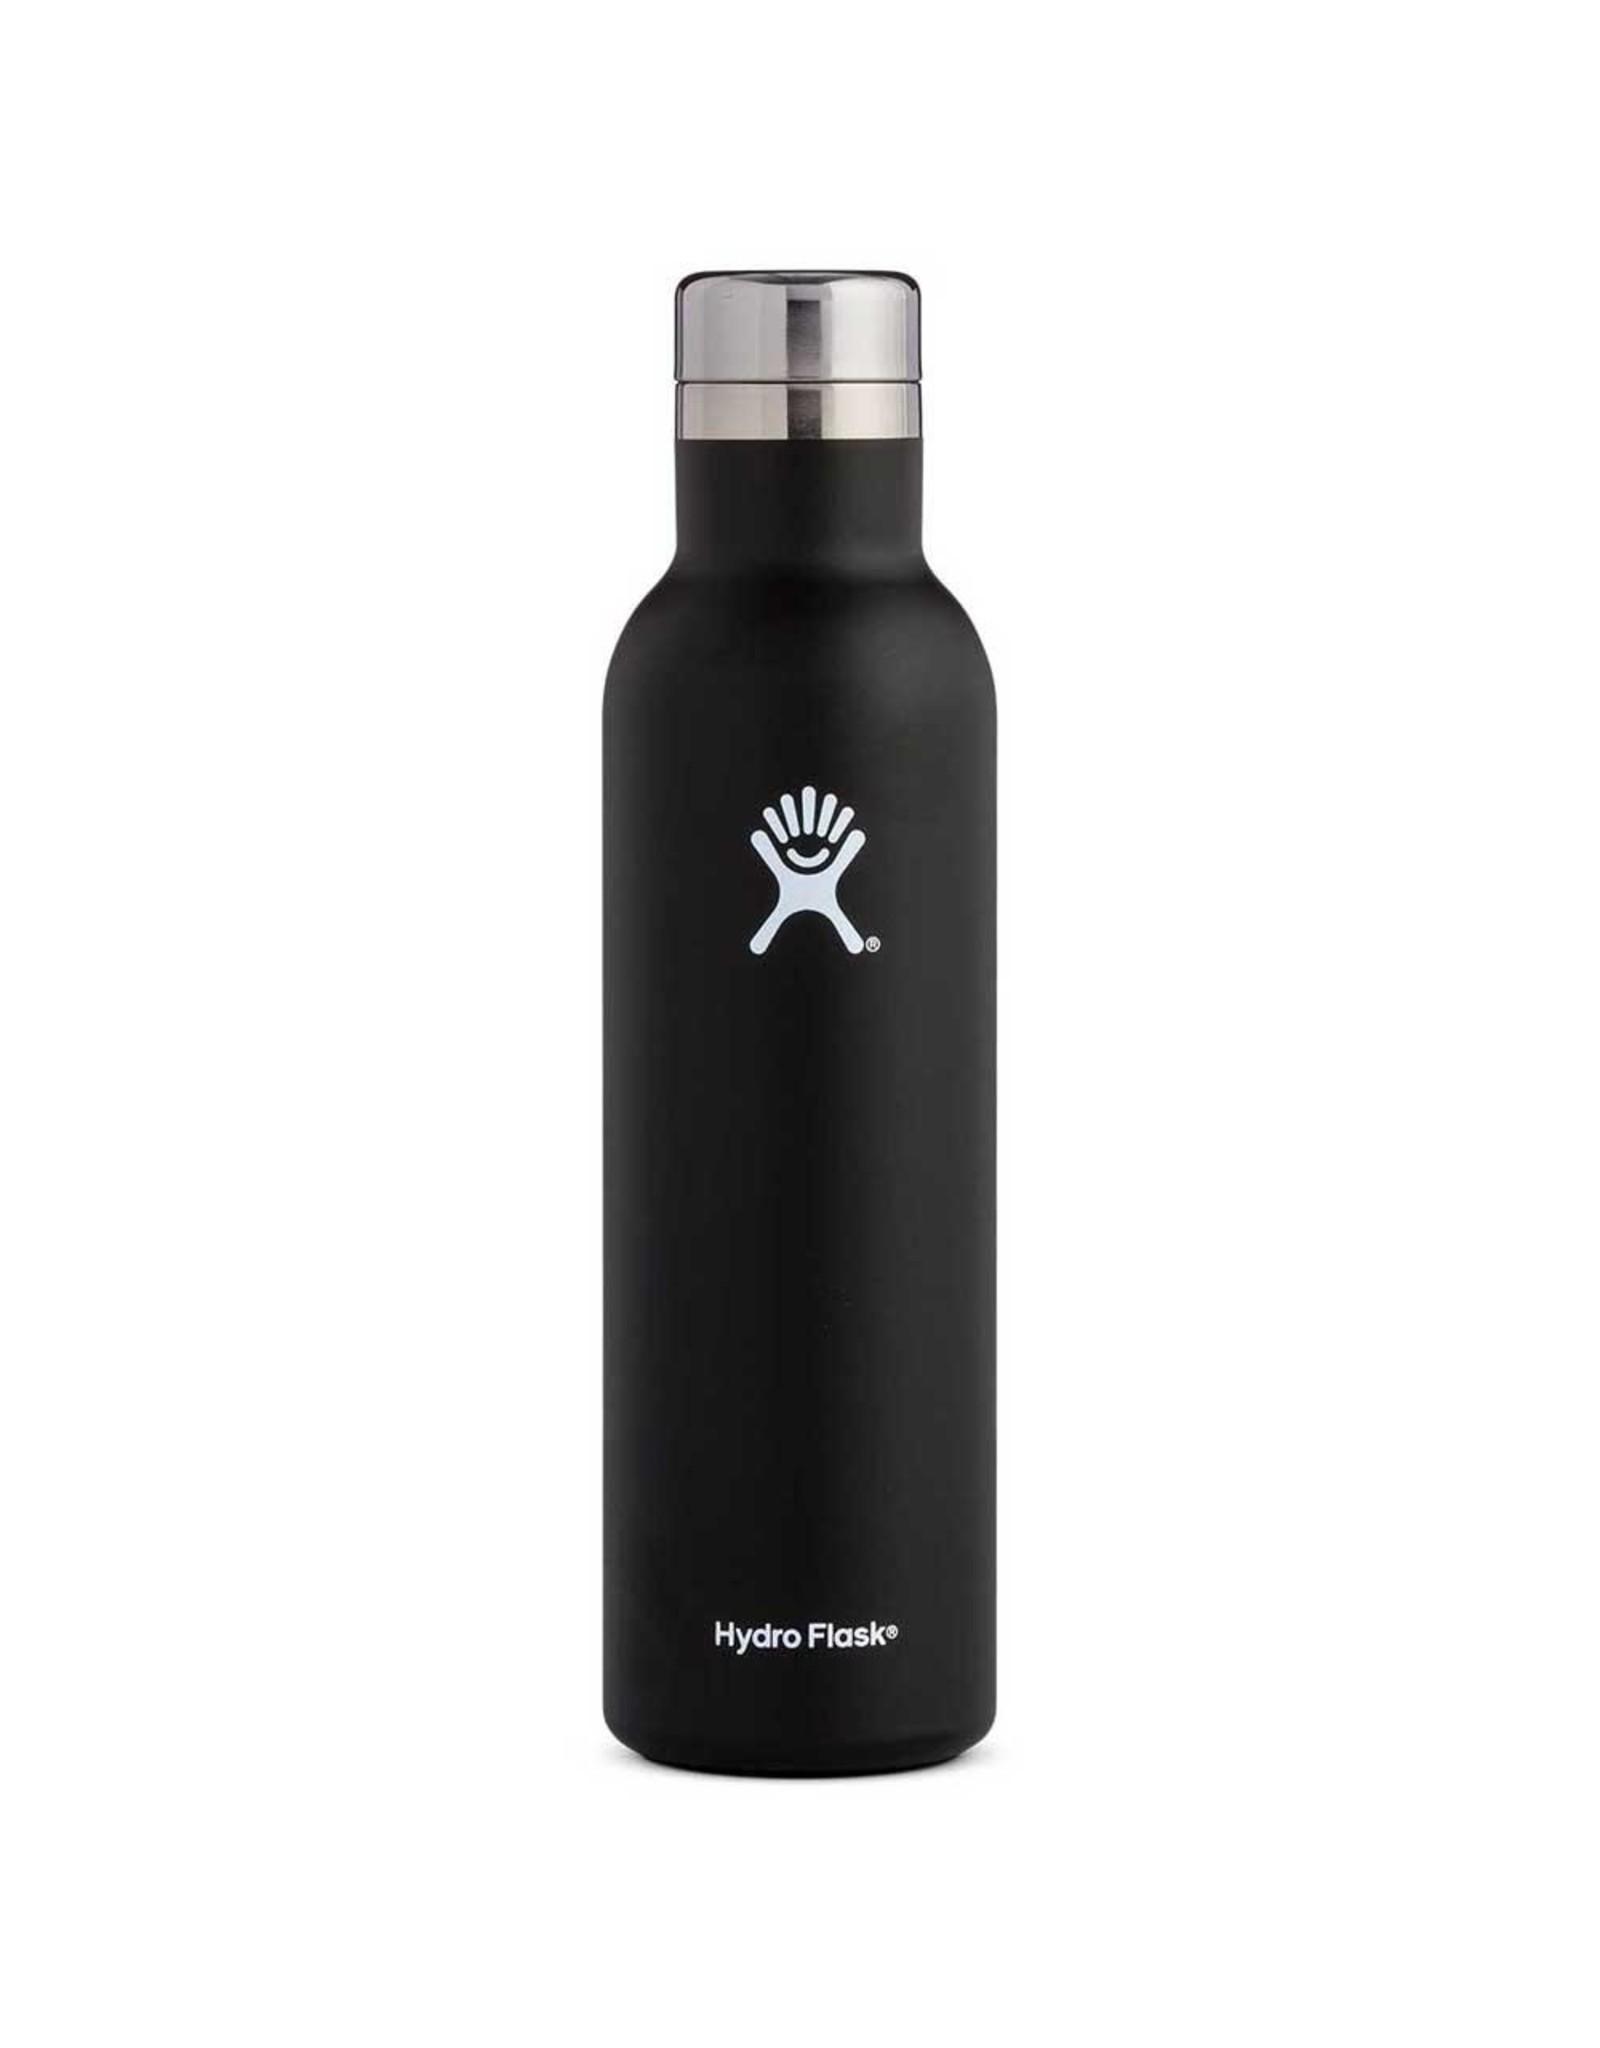 Hydro Flask Hydro Flask Wine Bottle 25oz Black